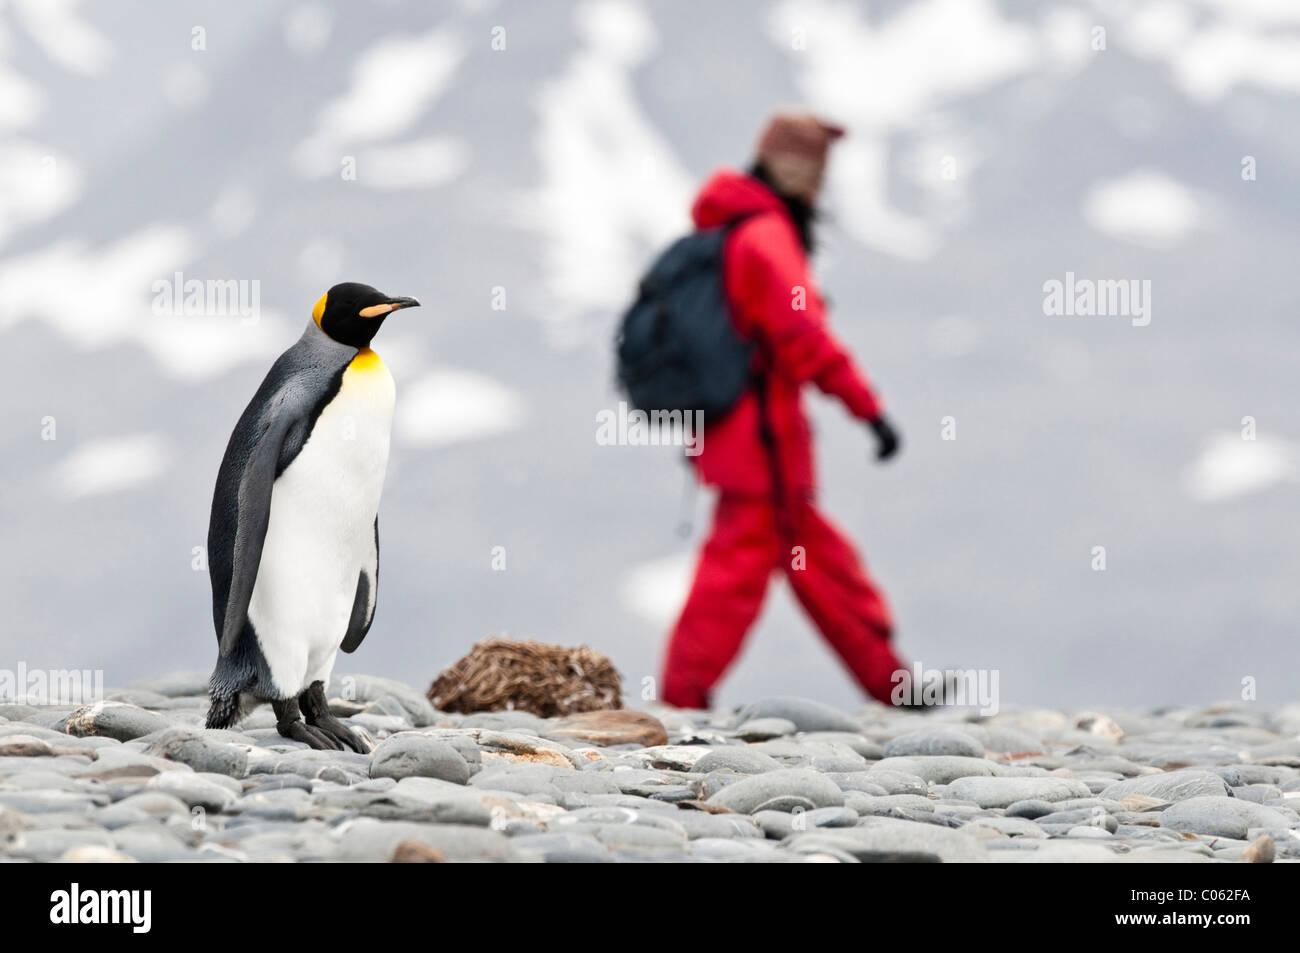 Le roi pingouin avec les touristes sur la plage de Salisbury Plain, Géorgie du Sud, l'Atlantique Sud Photo Stock